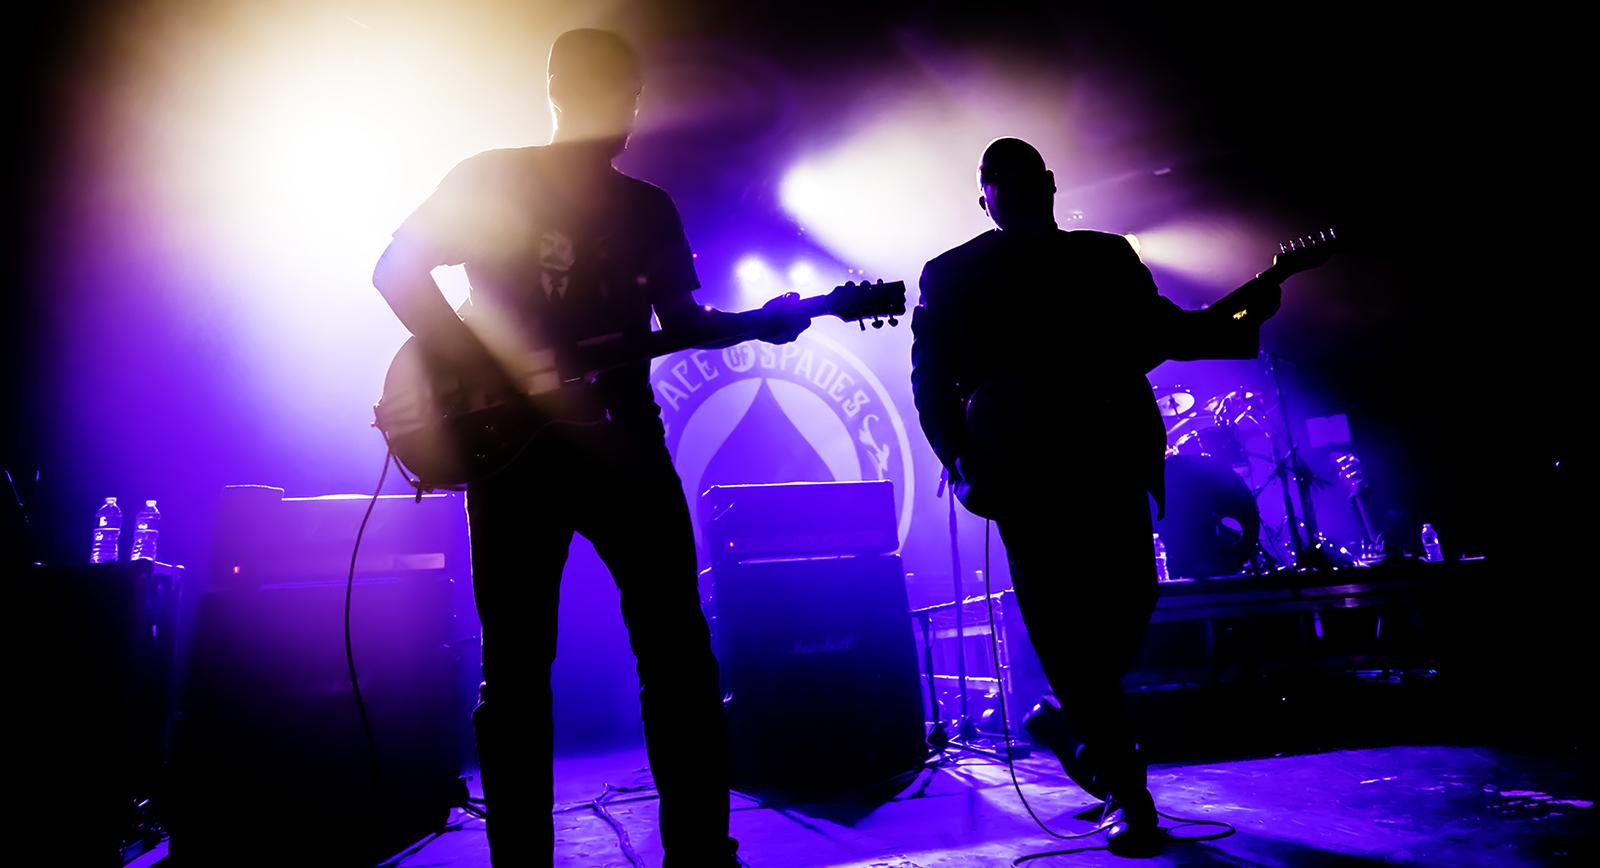 pixies-tour-2016-concert-review-sacramento-ace-of-spades-fib